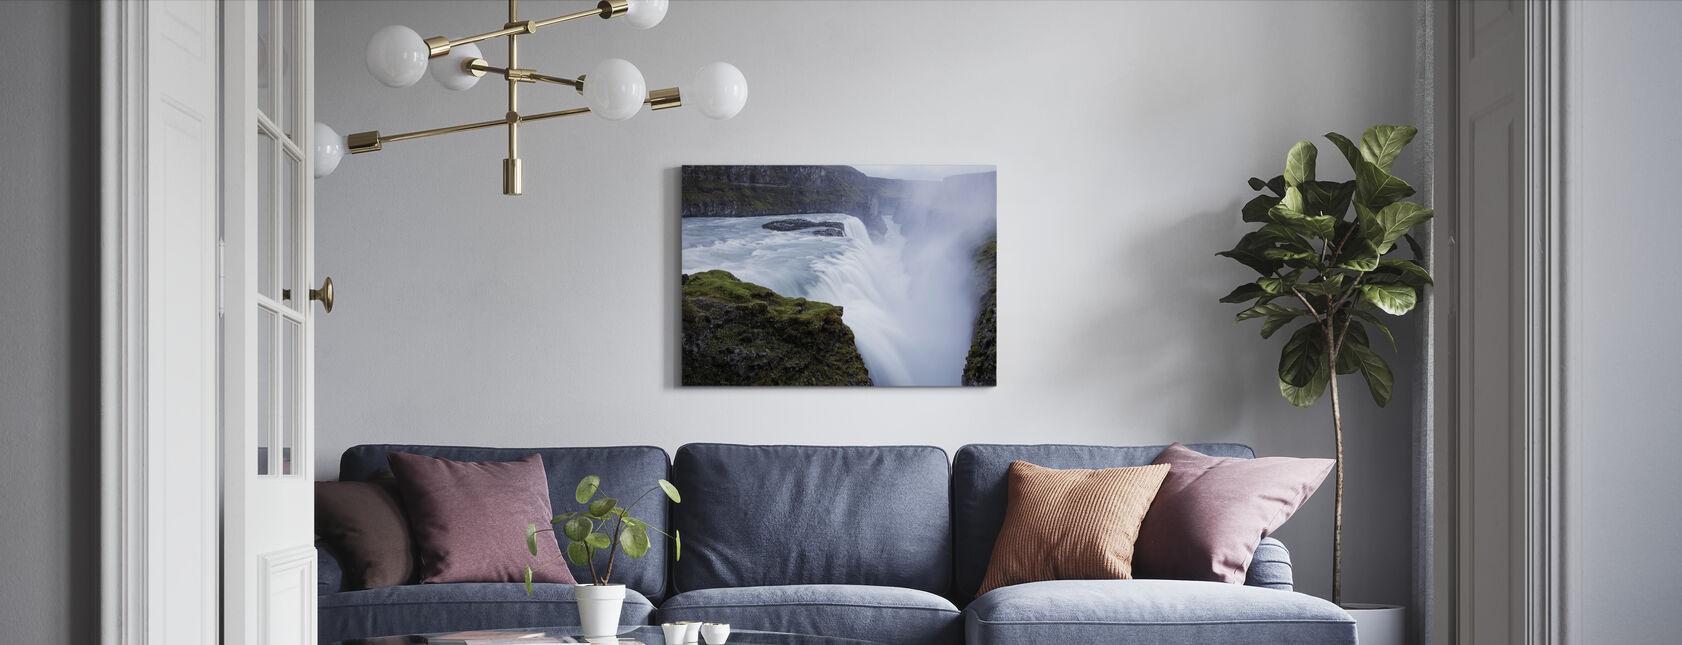 Gullfoss vandfald, Island - Billede på lærred - Stue